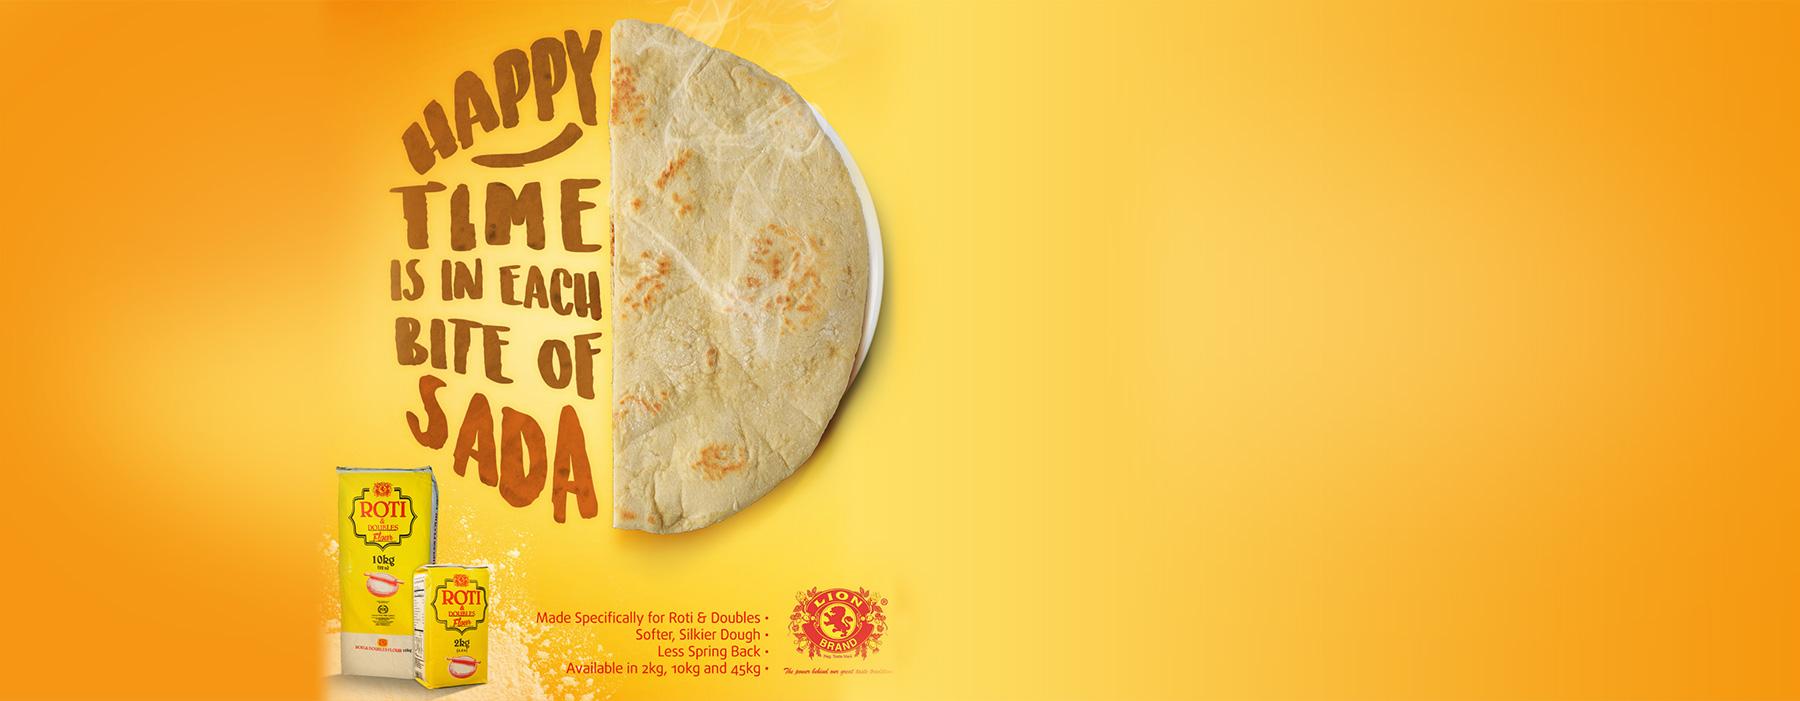 Sada Roti with Lion Brand Roti & Doubles Flour Trinidad